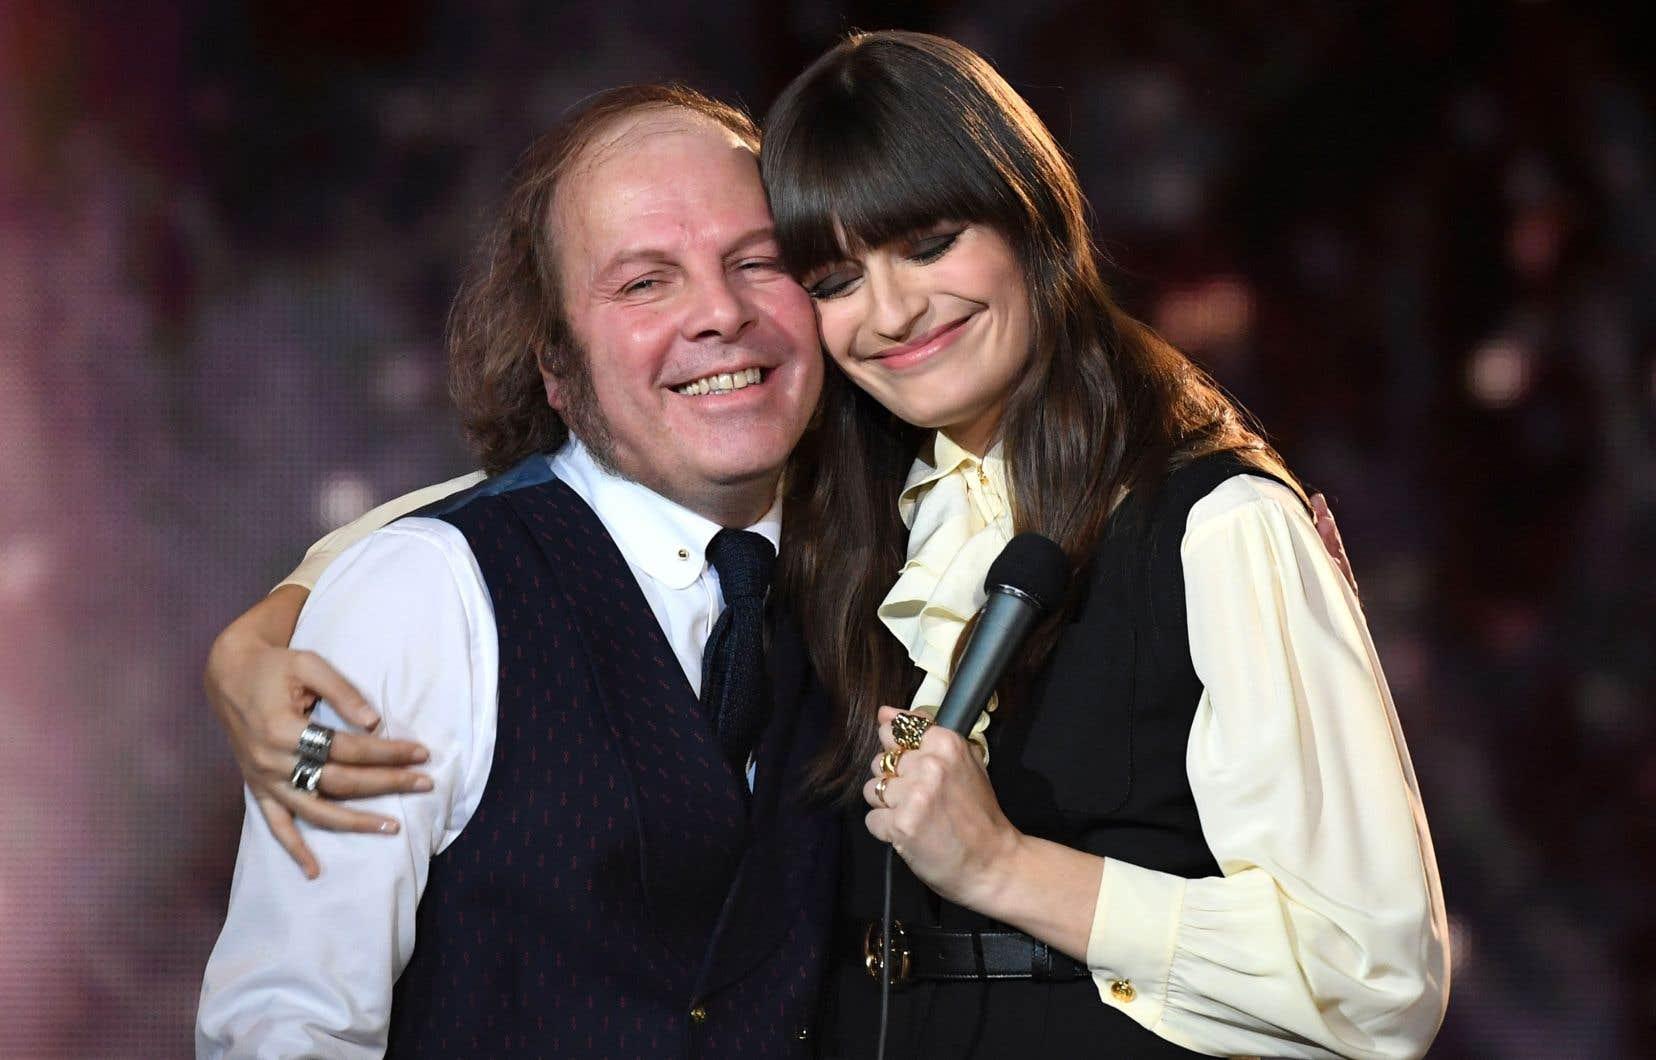 Le chanteur Philippe Katerine et la chanteuse Clara Luciani ont été récompensés pour leurs plus récents albums, vendredi, lors du gala des Victoires de la musique en France.